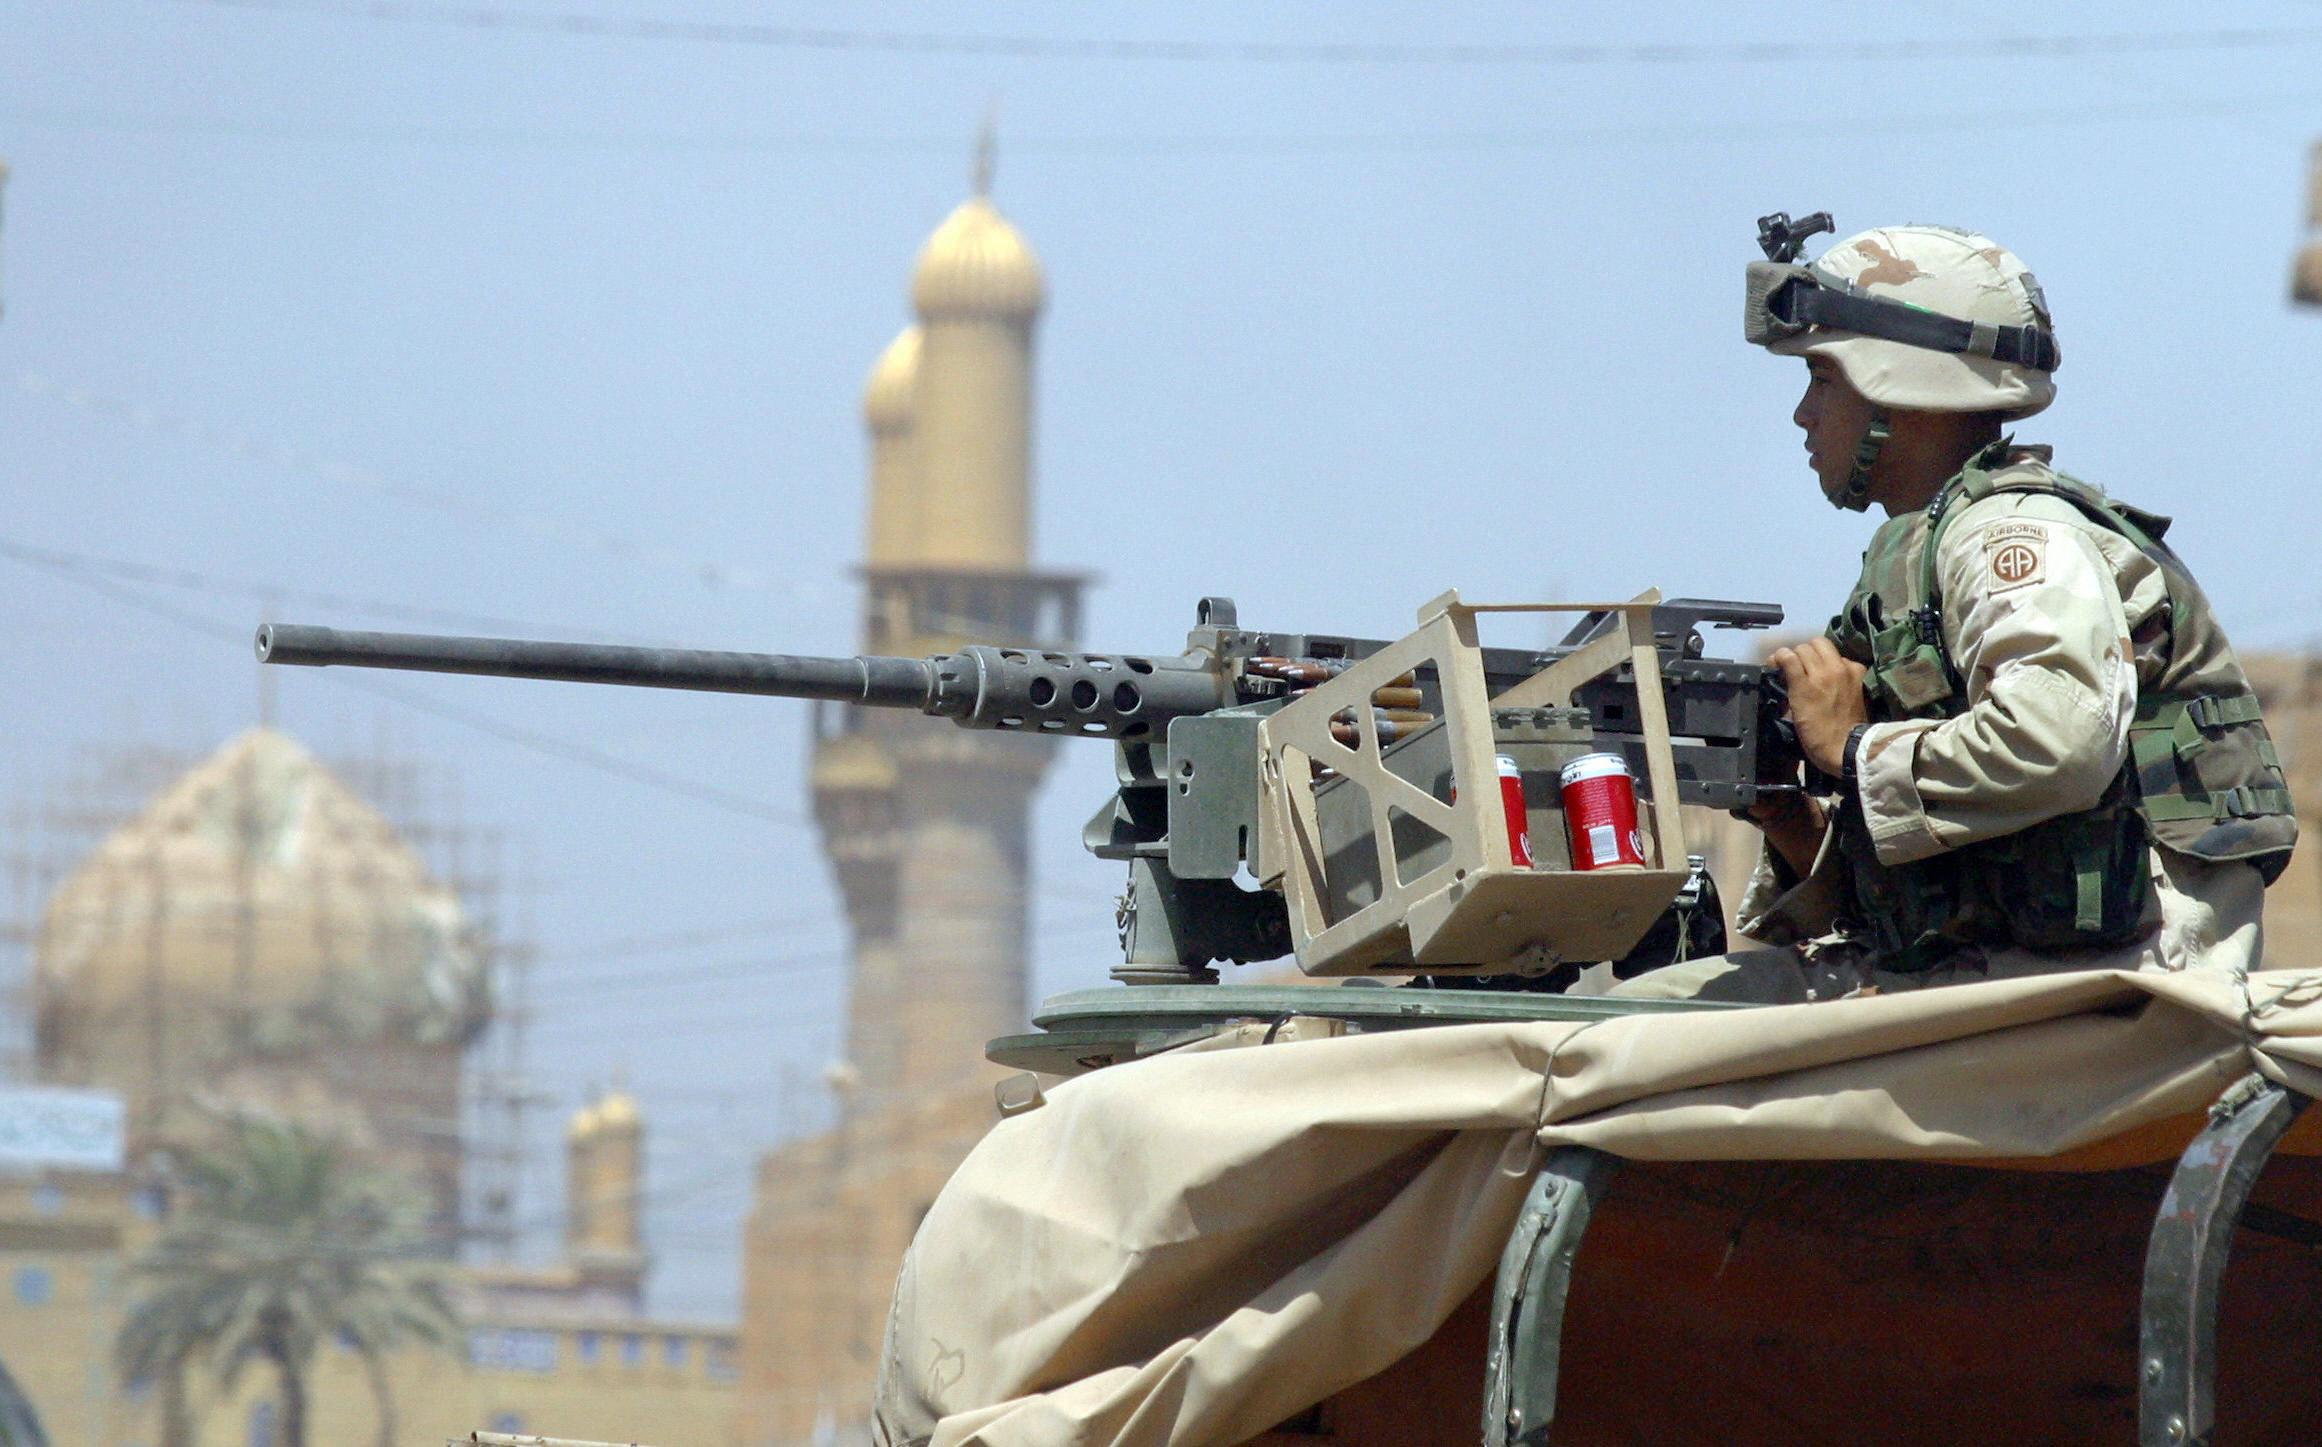 2003實戰畫面:美軍進行地面作戰 痛擊伊拉克